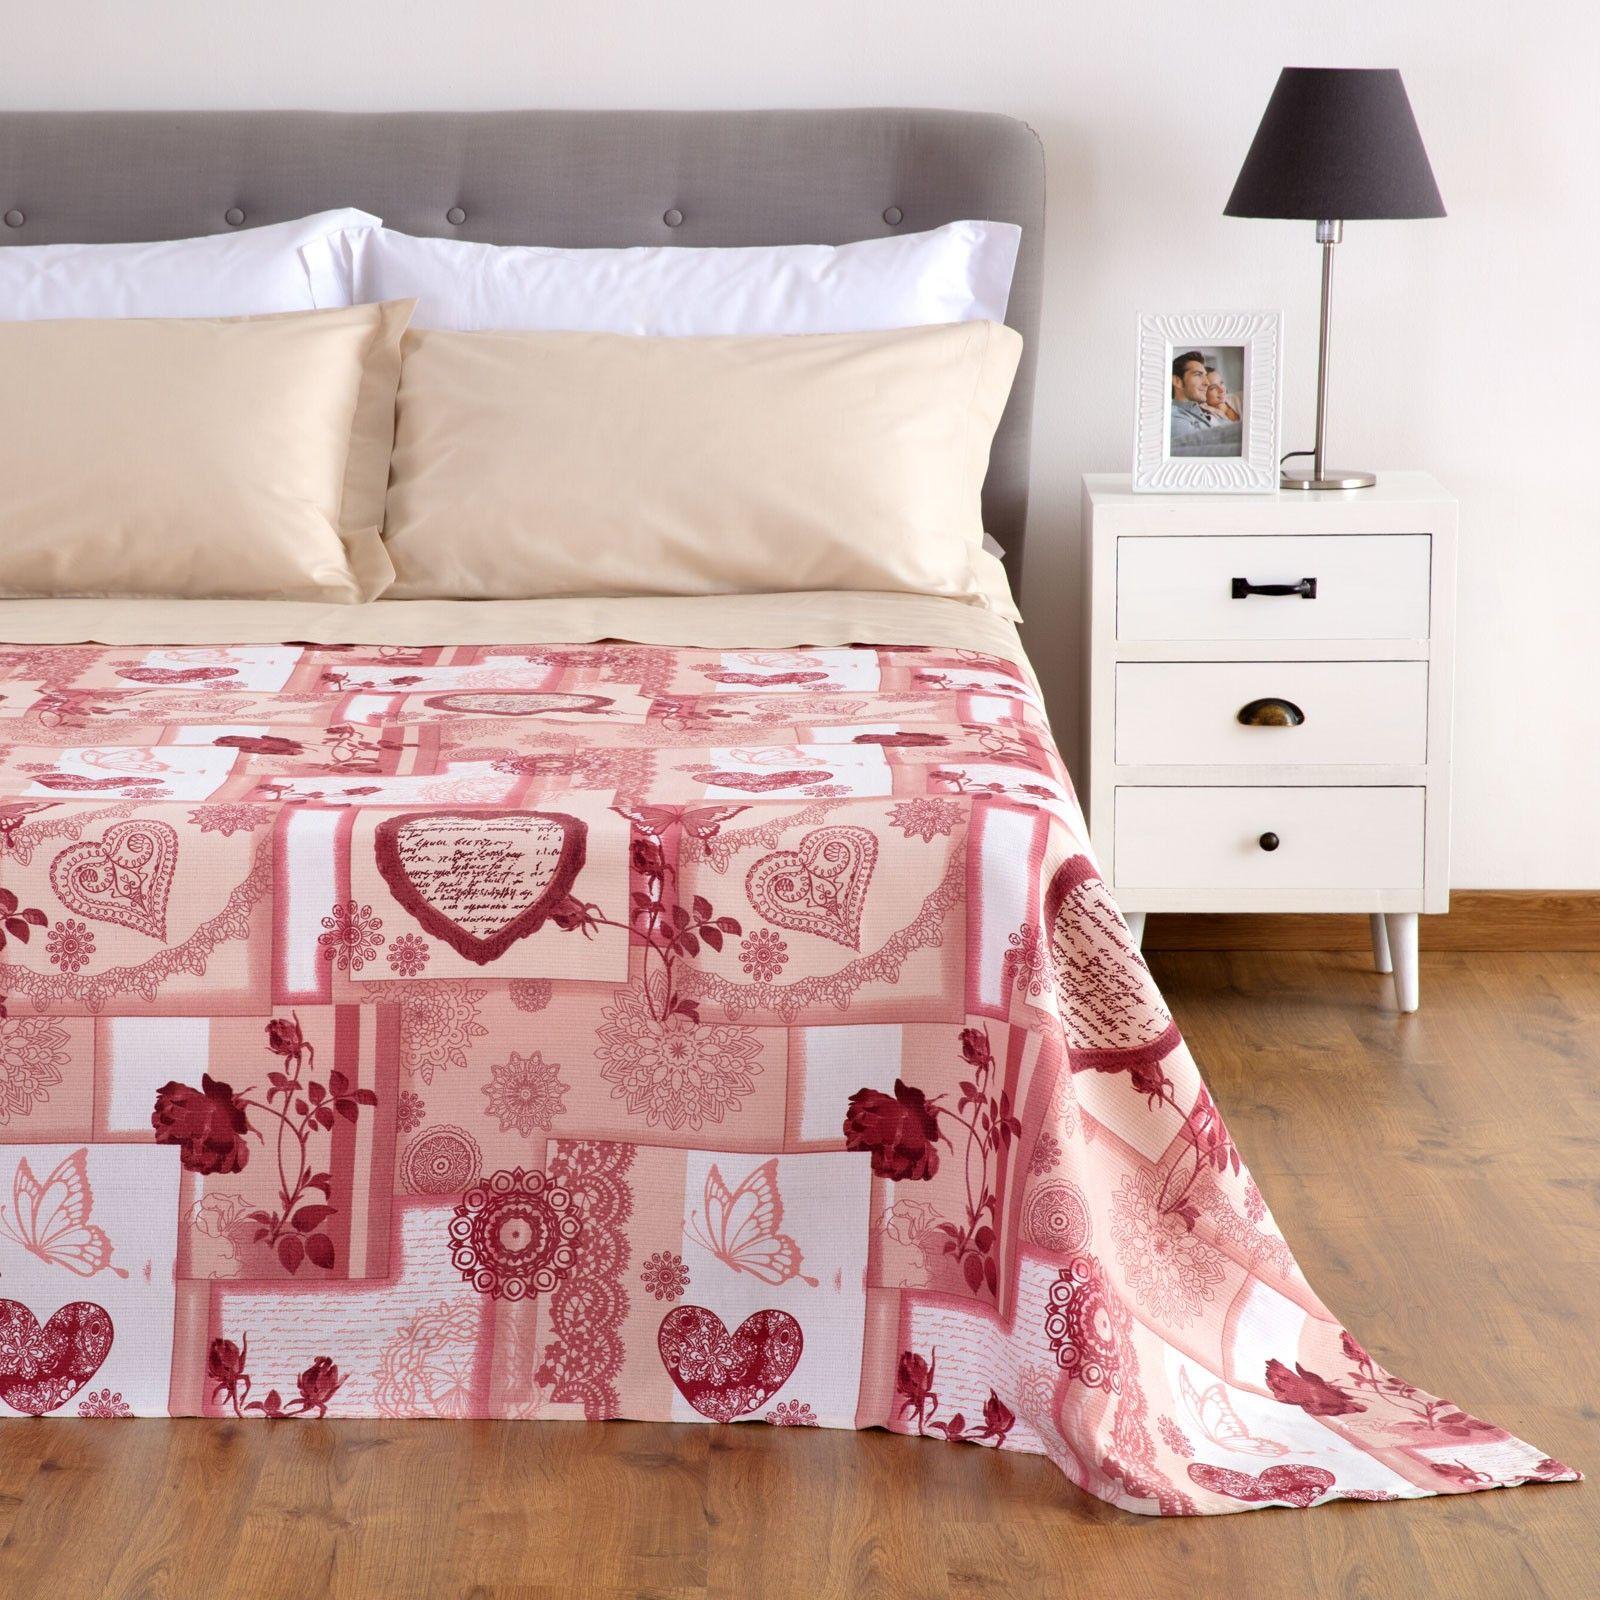 #home #bedroom #carillohome # copriletto #shabbychic #pinterest #pinit